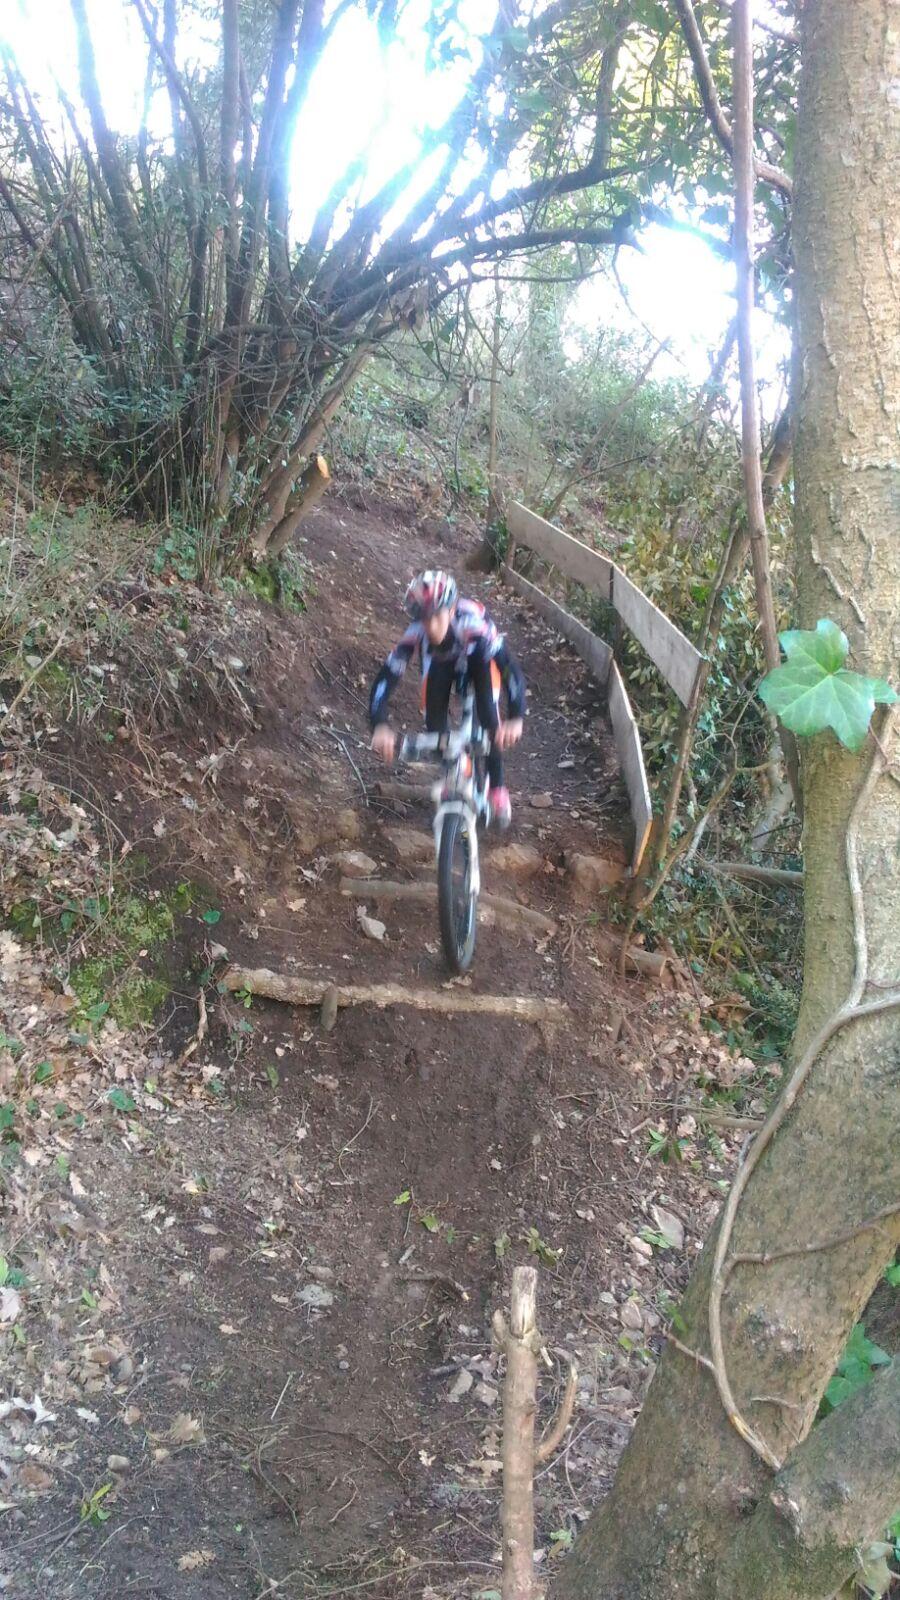 Domenica 19 marzo il meglio della mountain bike giovanile nazionale a Vetralla